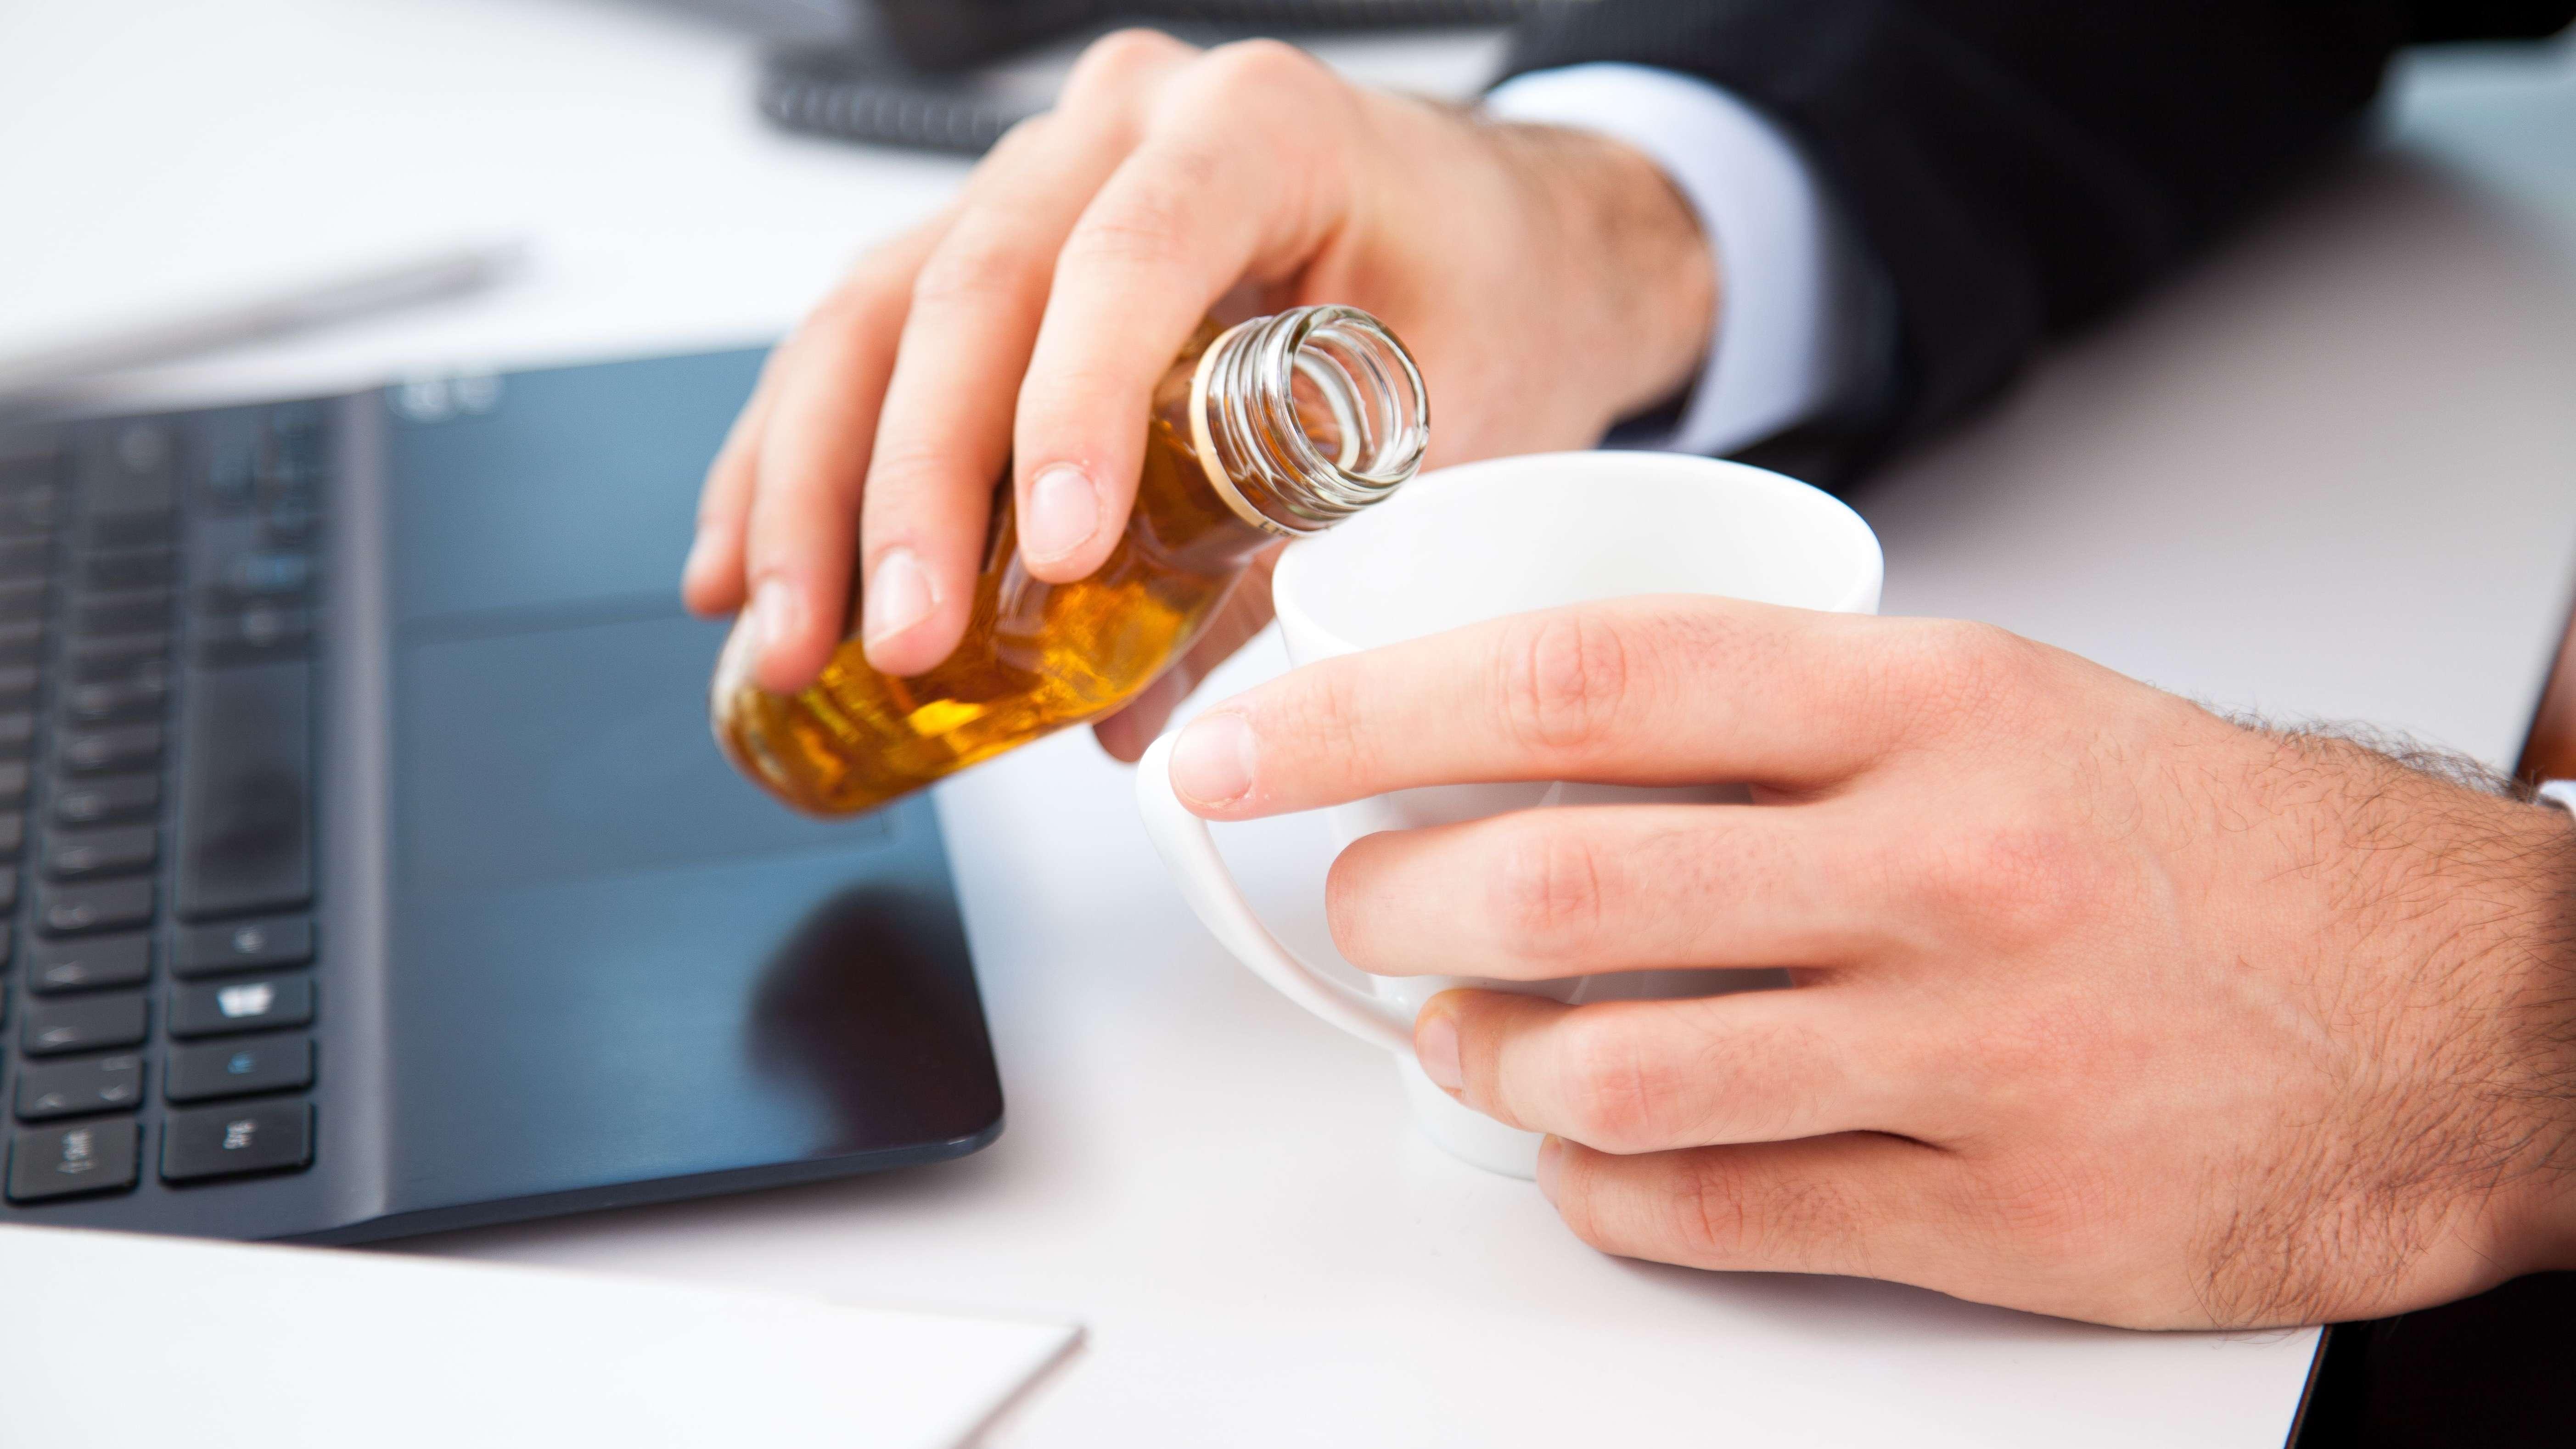 Ein junger Mann mischt am Arbeitsplatz Alkohol in seinen Kaffee